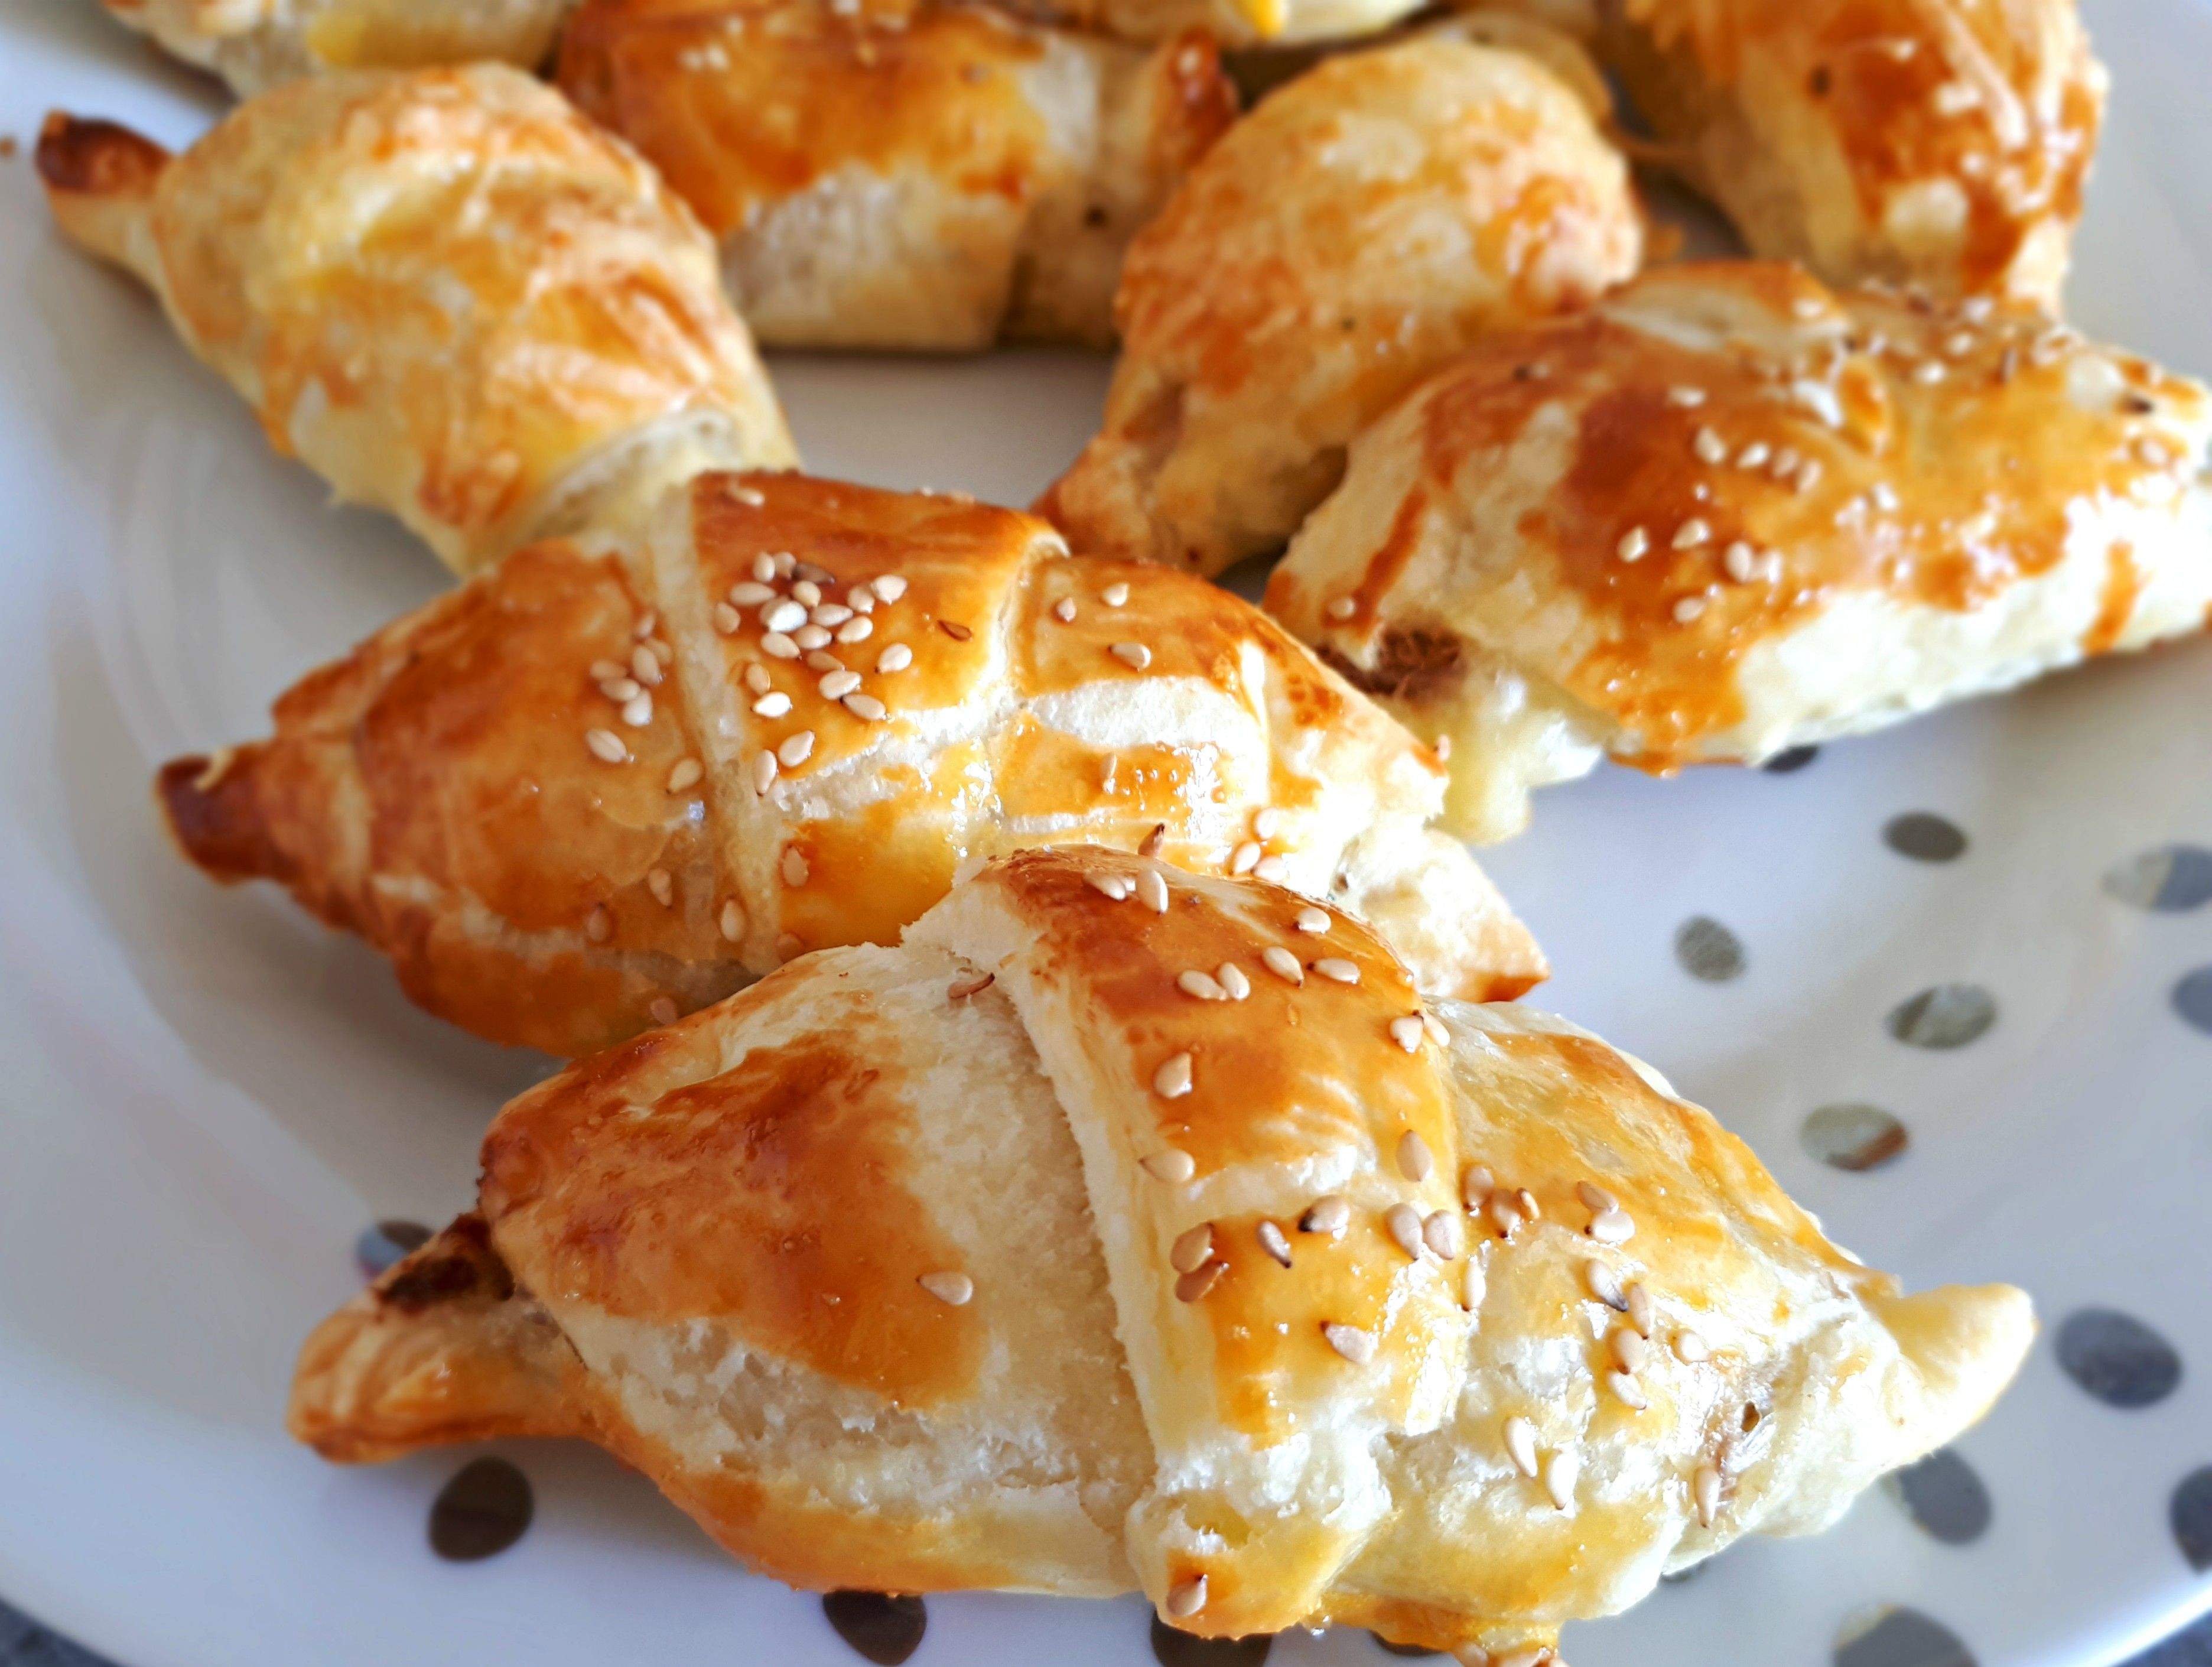 Voici donc ma petite recette de croissants salés au thon et au fromage à raclette. Mes meilleurs vœux et à très vite ! #croissantssalés #croissantsapéro